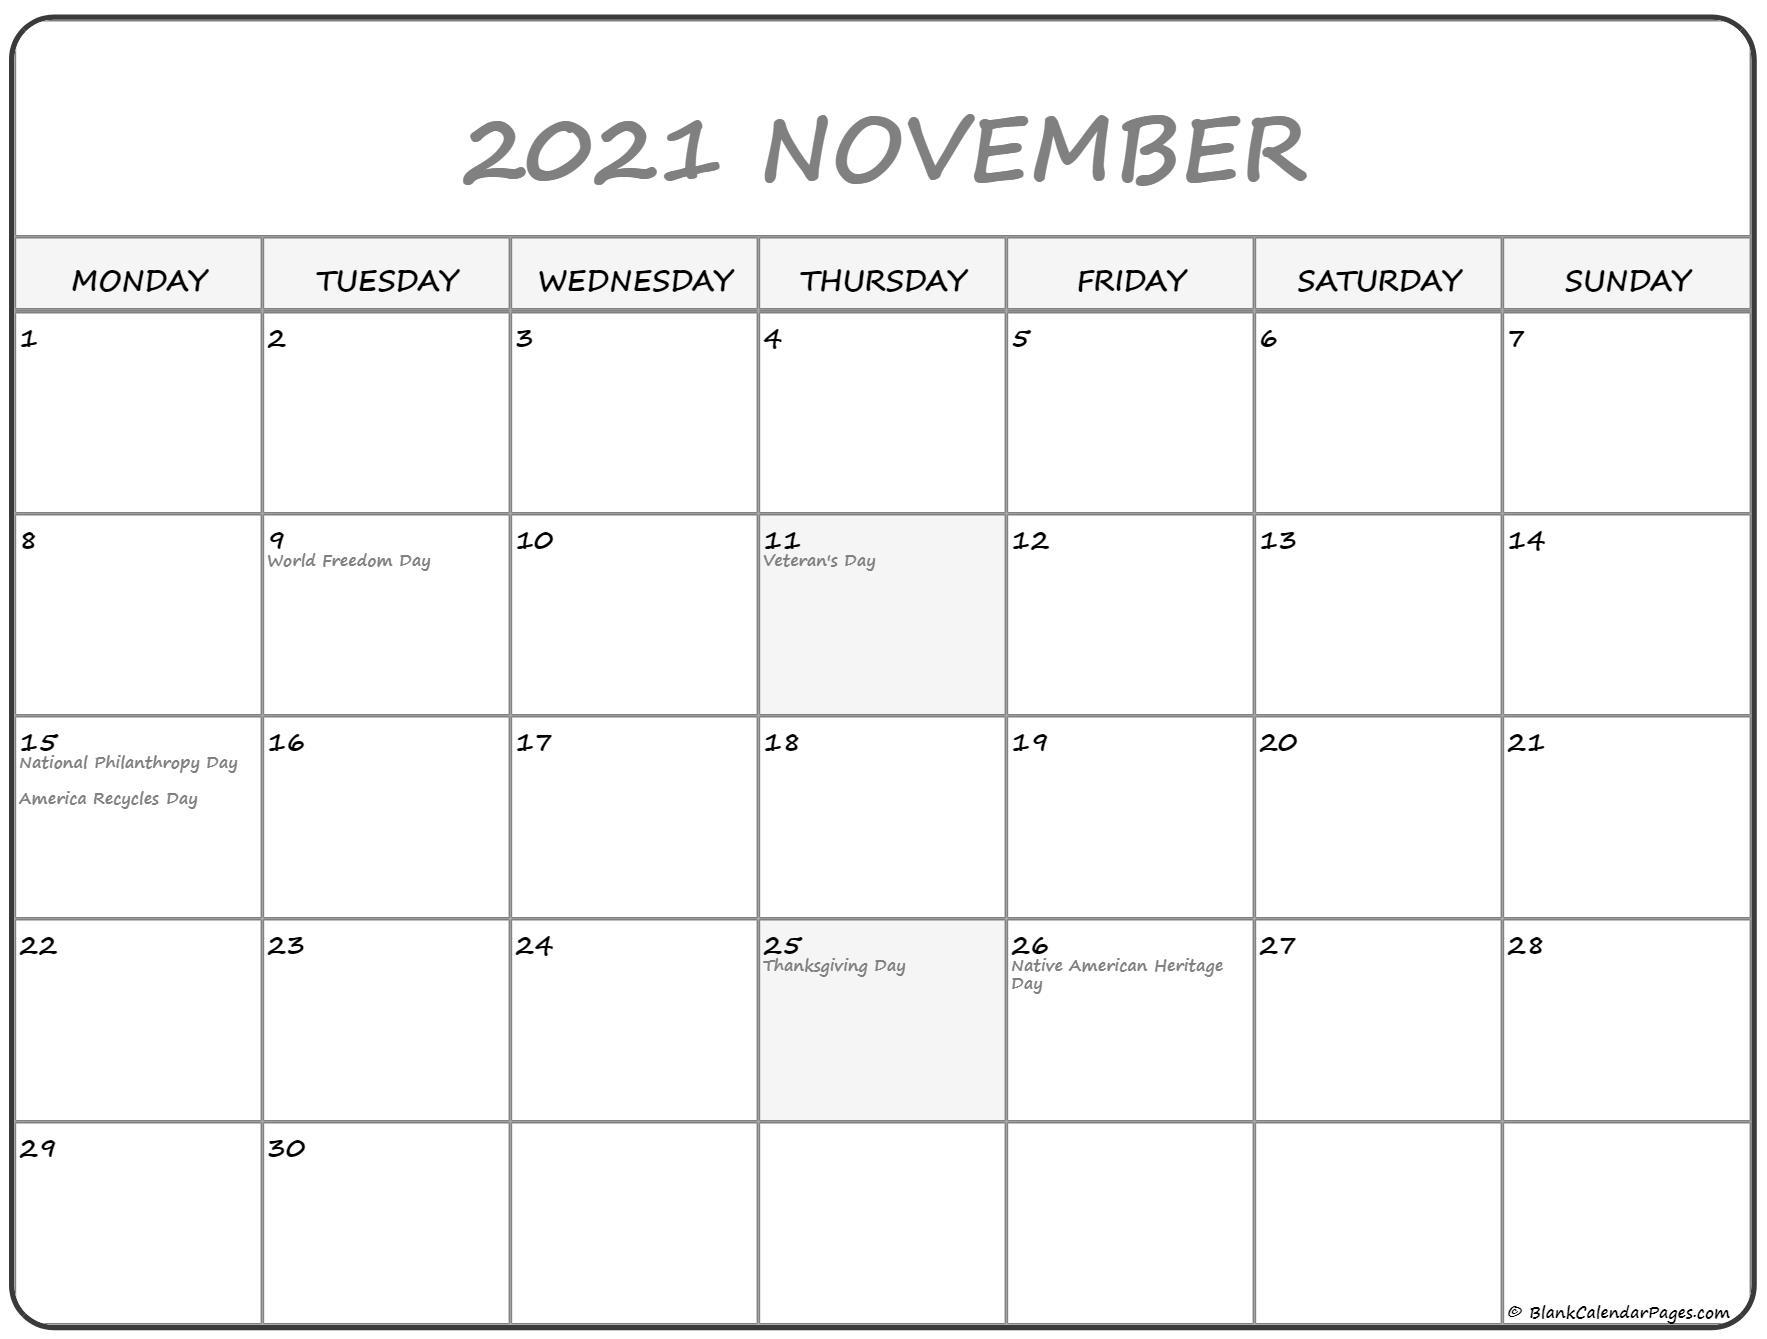 November 2021 Monday Calendar Monday To Sunday - Calendar